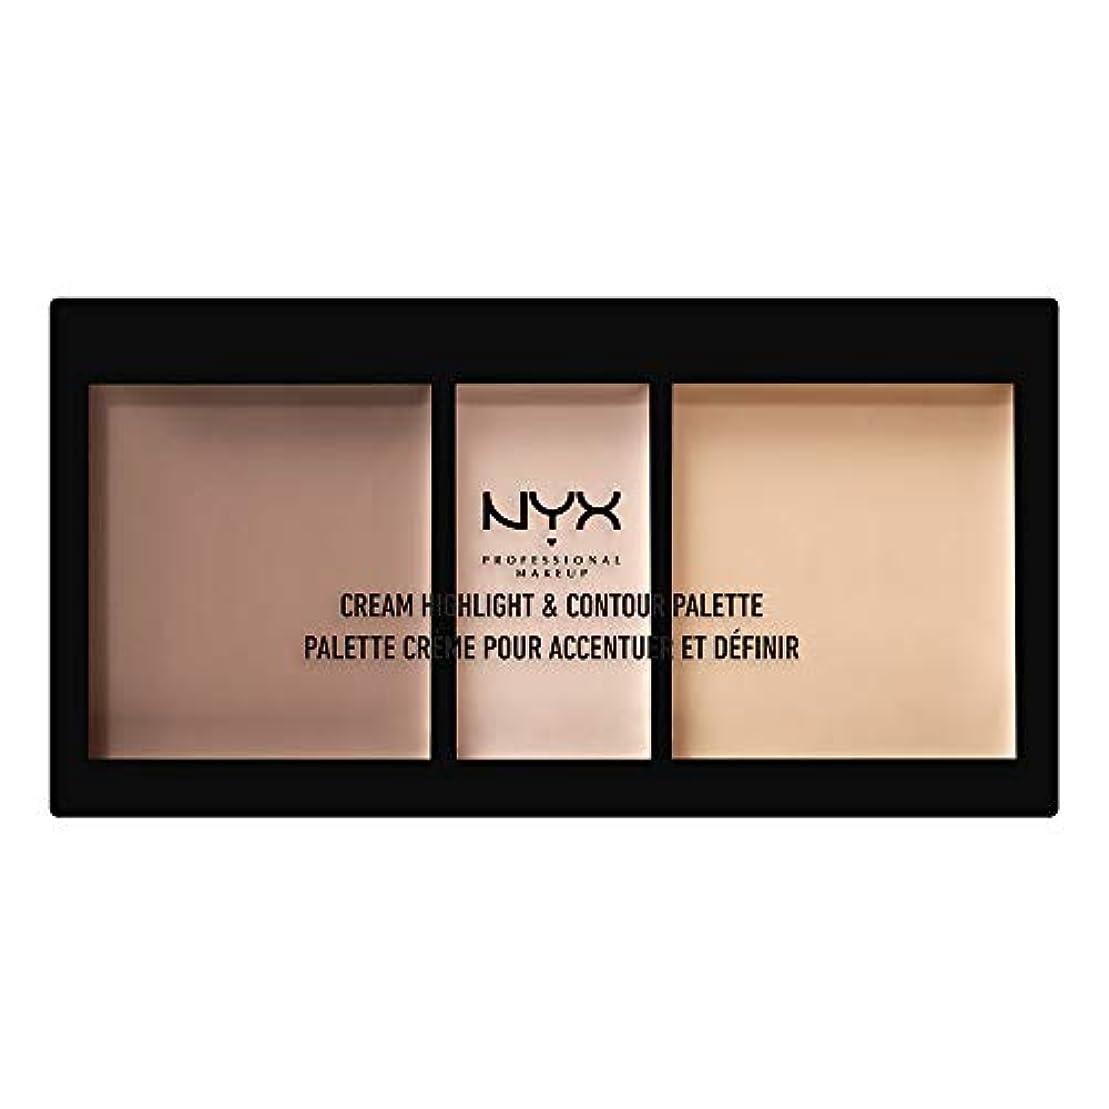 部族インゲン複数NYX(ニックス) クリーム ハイライト&コントゥアー パレット 01 カラー?ライト フェイスパレット